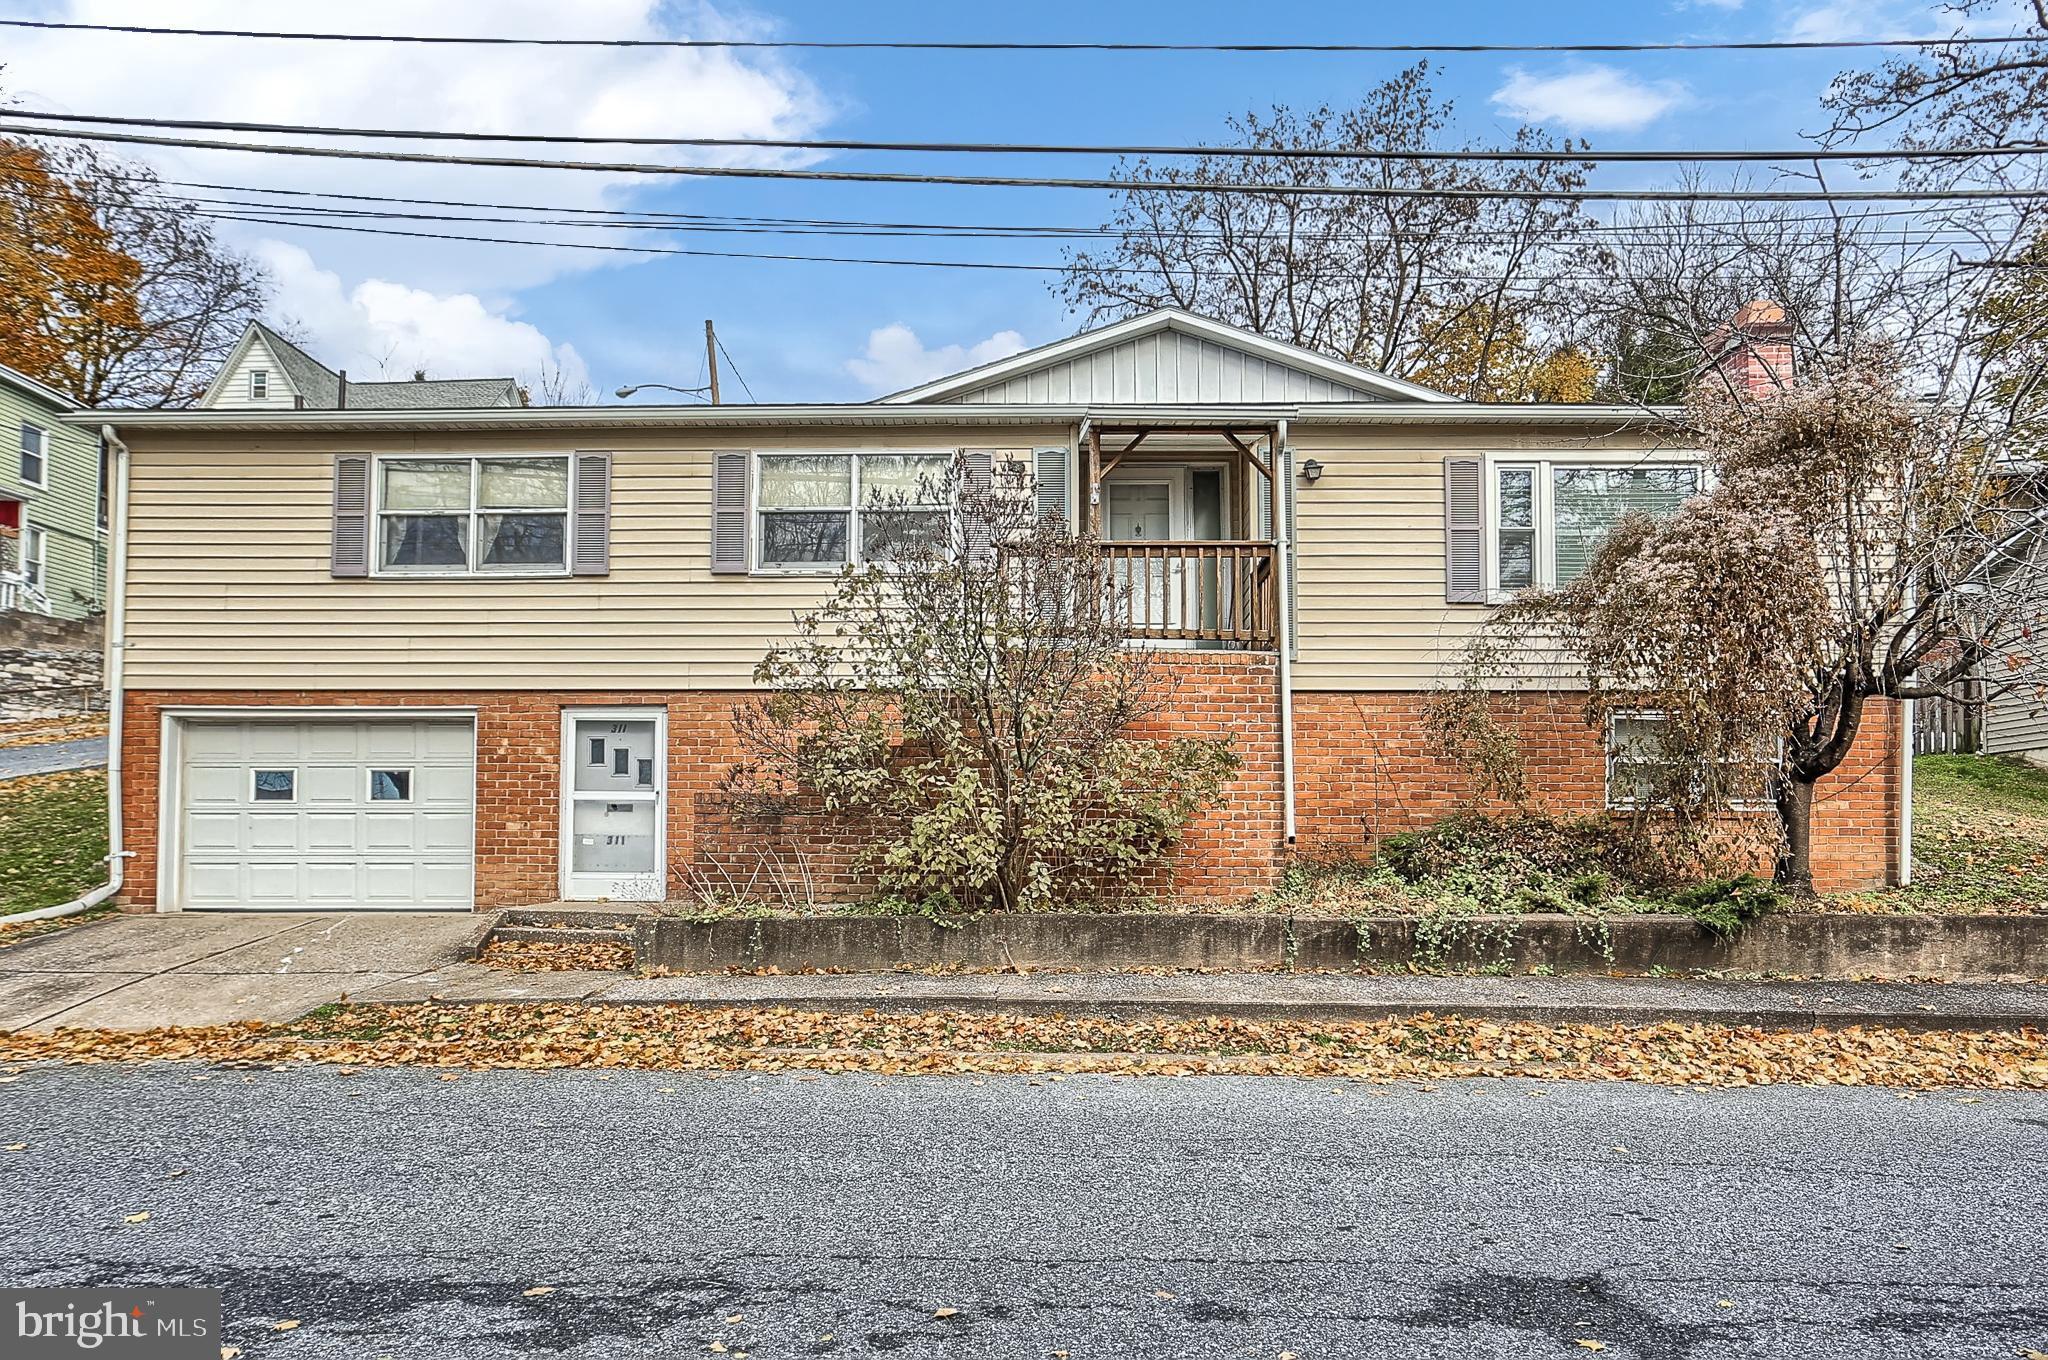 311 N 2ND STREET, STEELTON, PA 17113